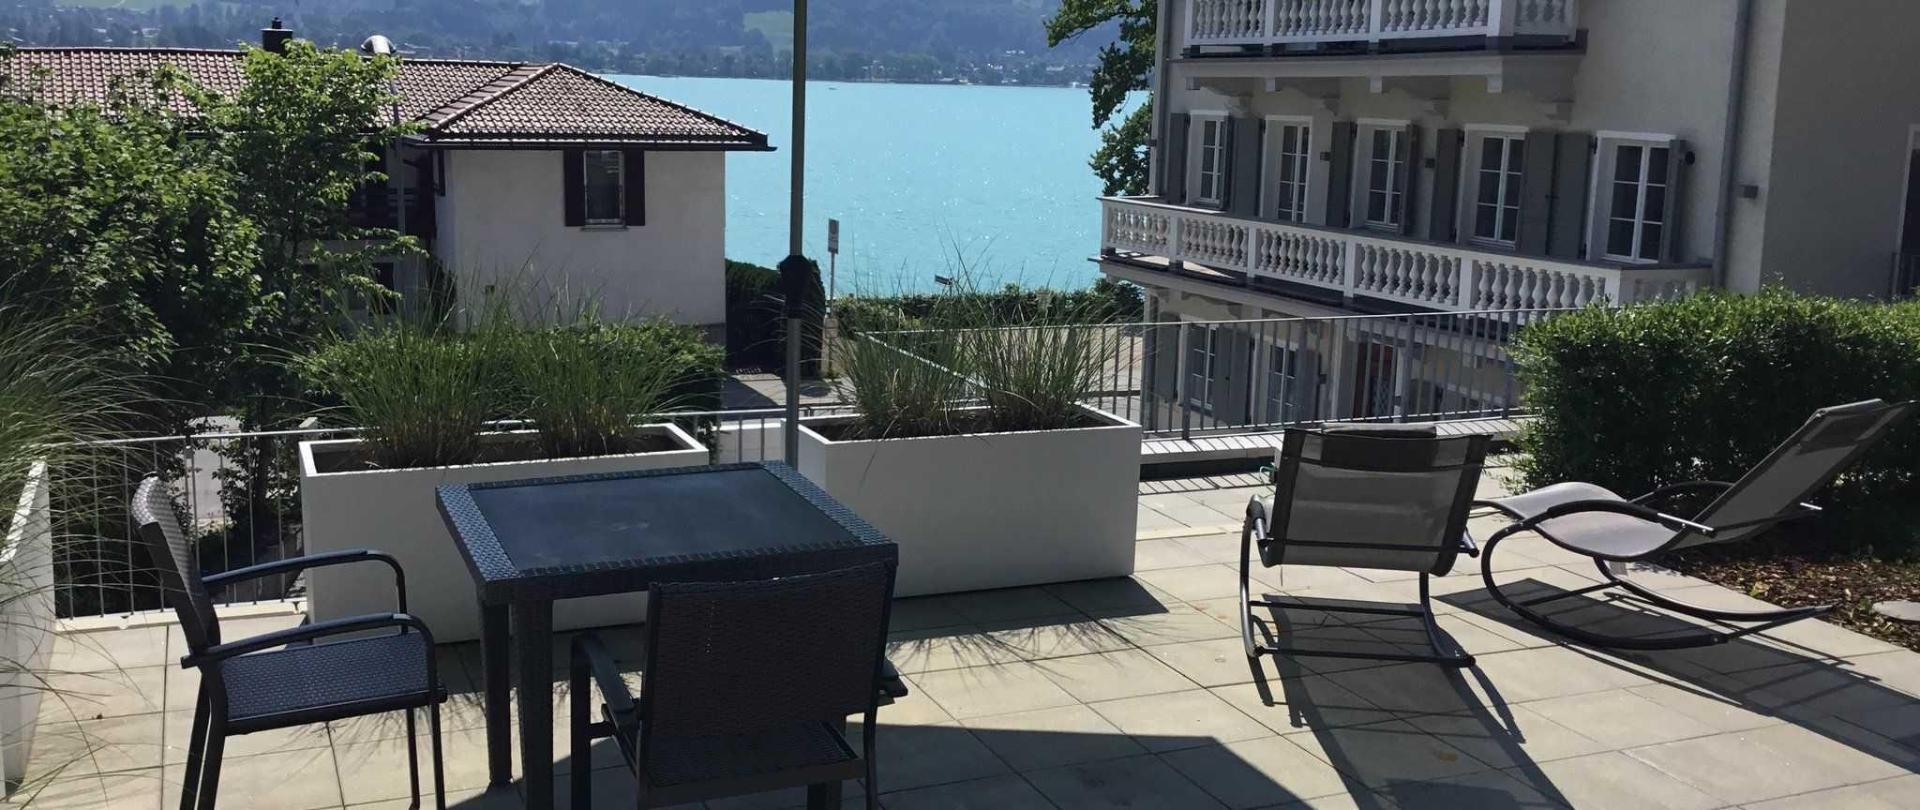 terrasse-bergseeblick2-1.jpg